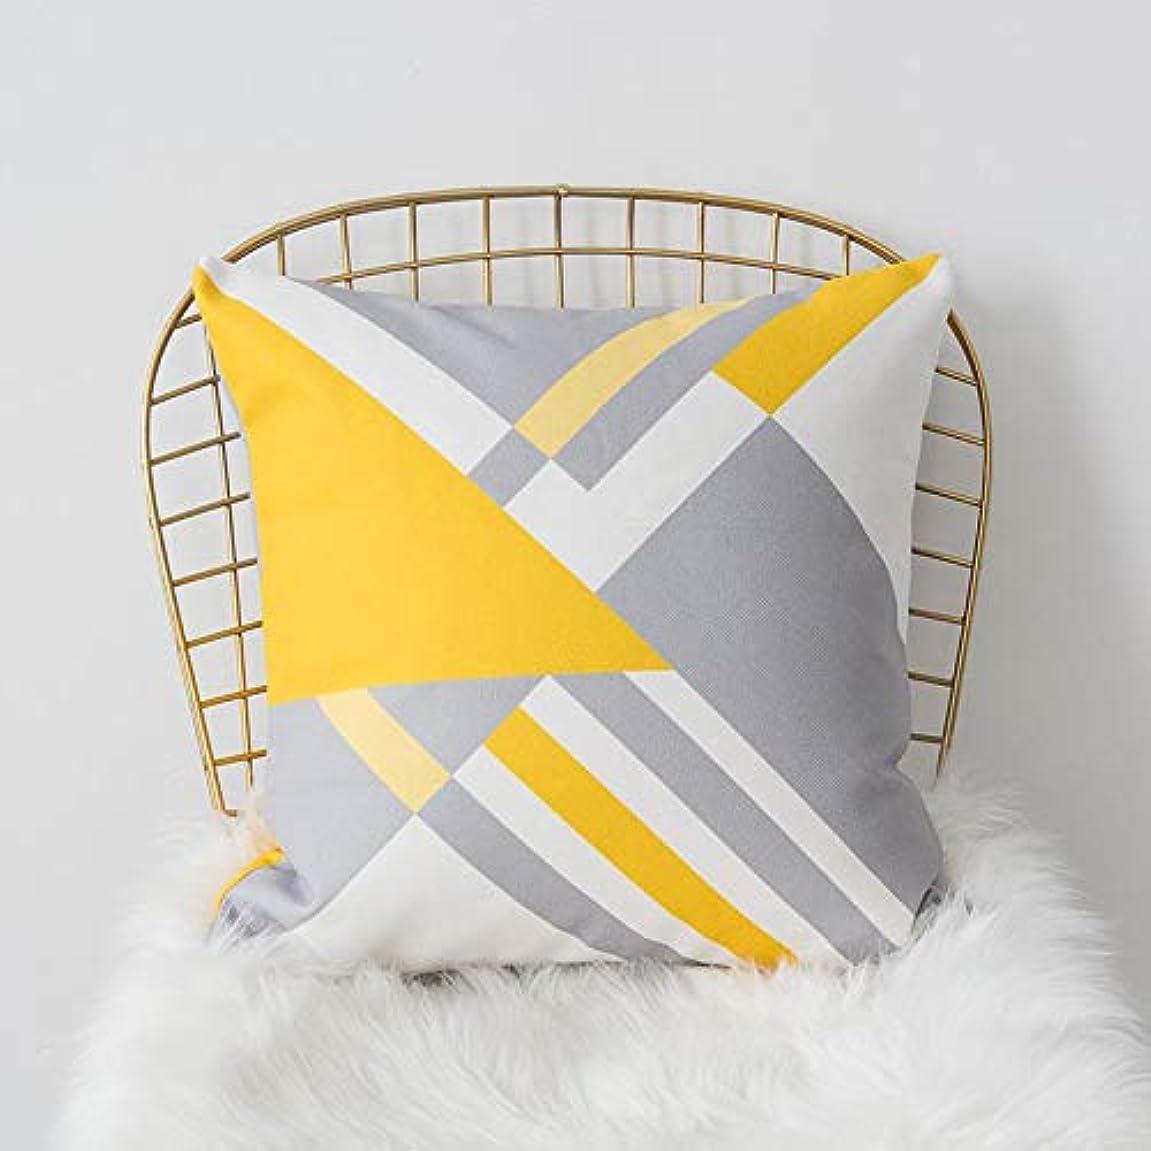 床ジレンマ作り上げるLIFE 黄色グレー枕北欧スタイル黄色ヘラジカ幾何枕リビングルームのインテリアソファクッション Cojines 装飾良質 クッション 椅子